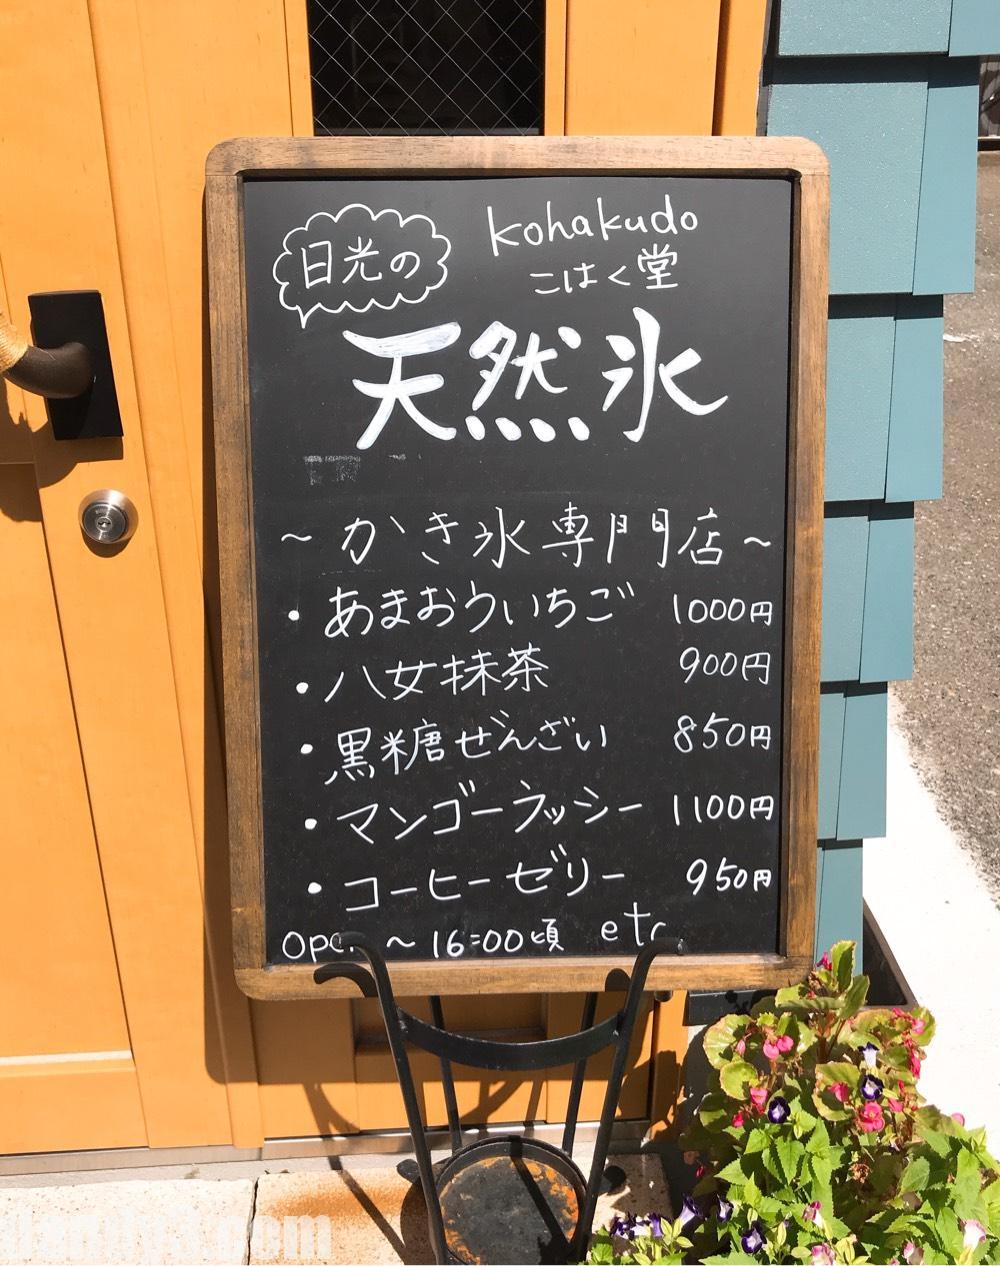 こはく堂(kohakudo)